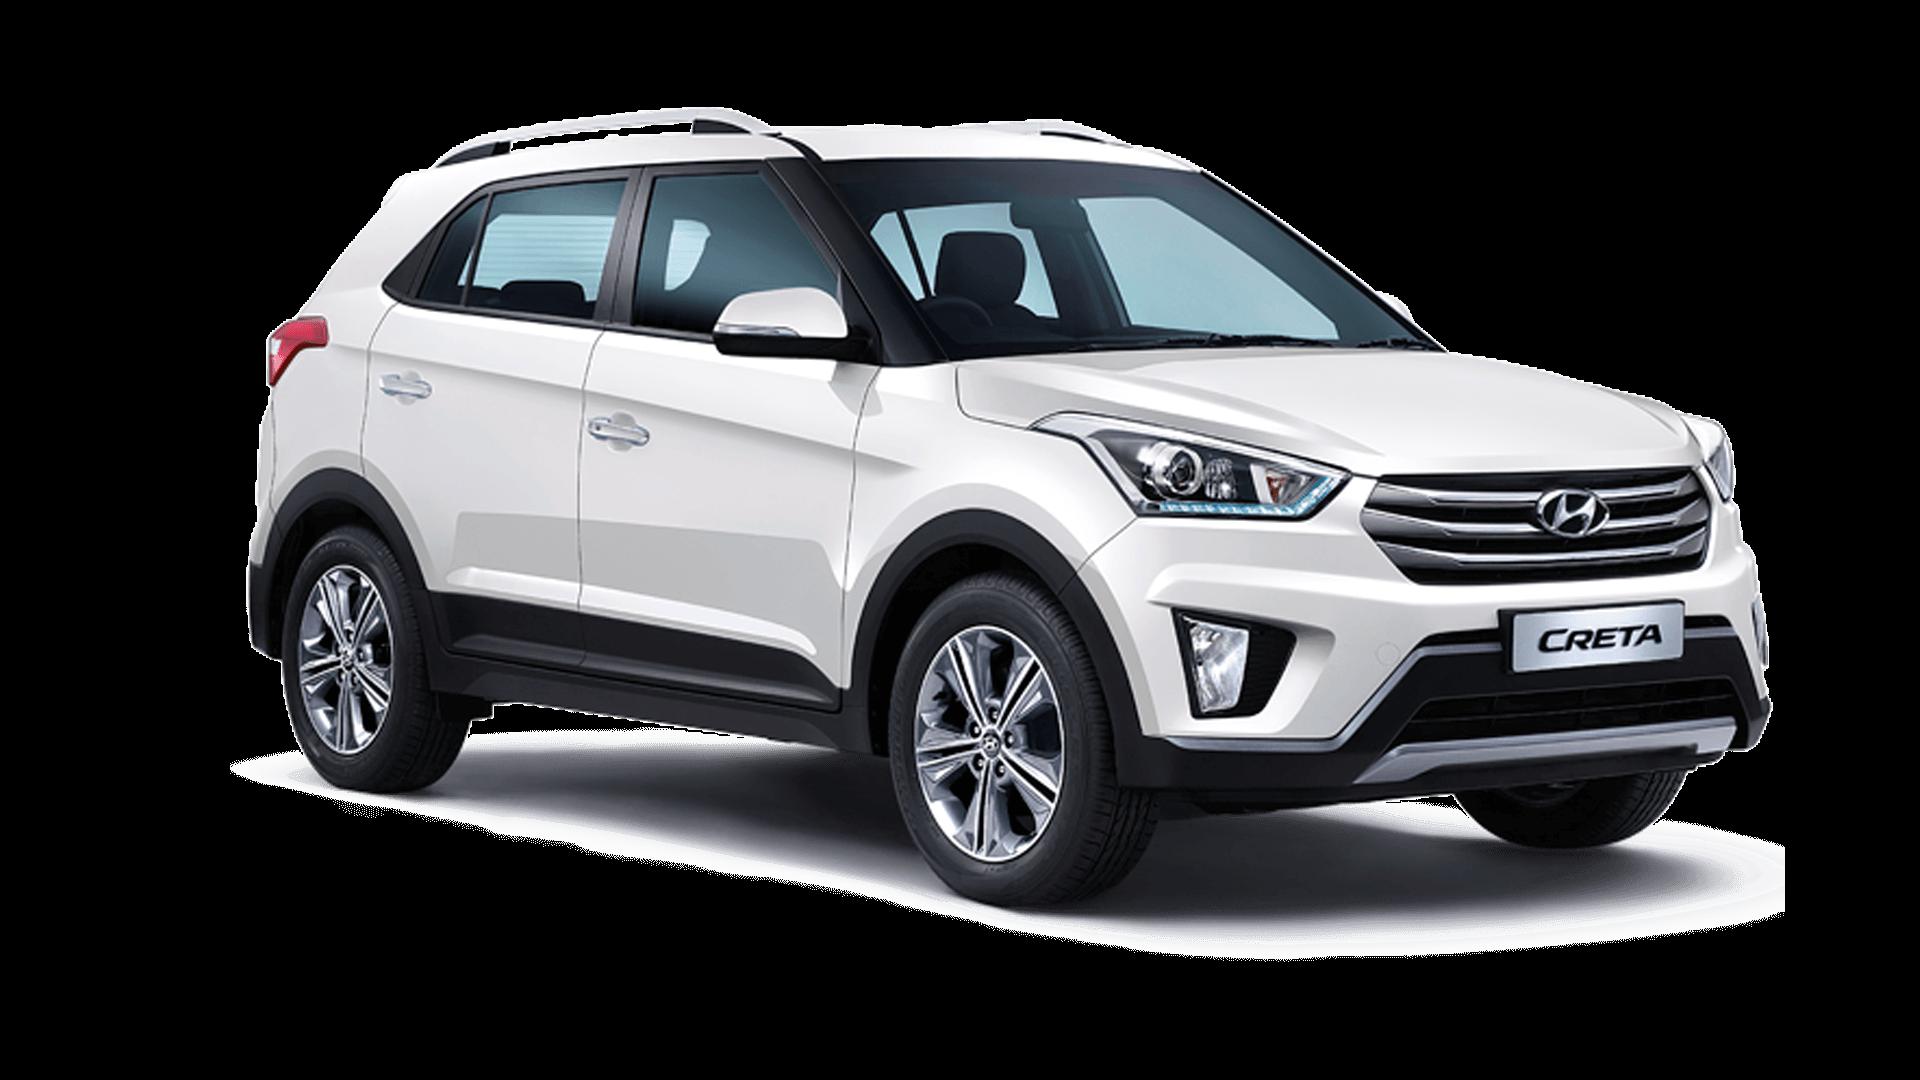 ekar - Hyundai Creta